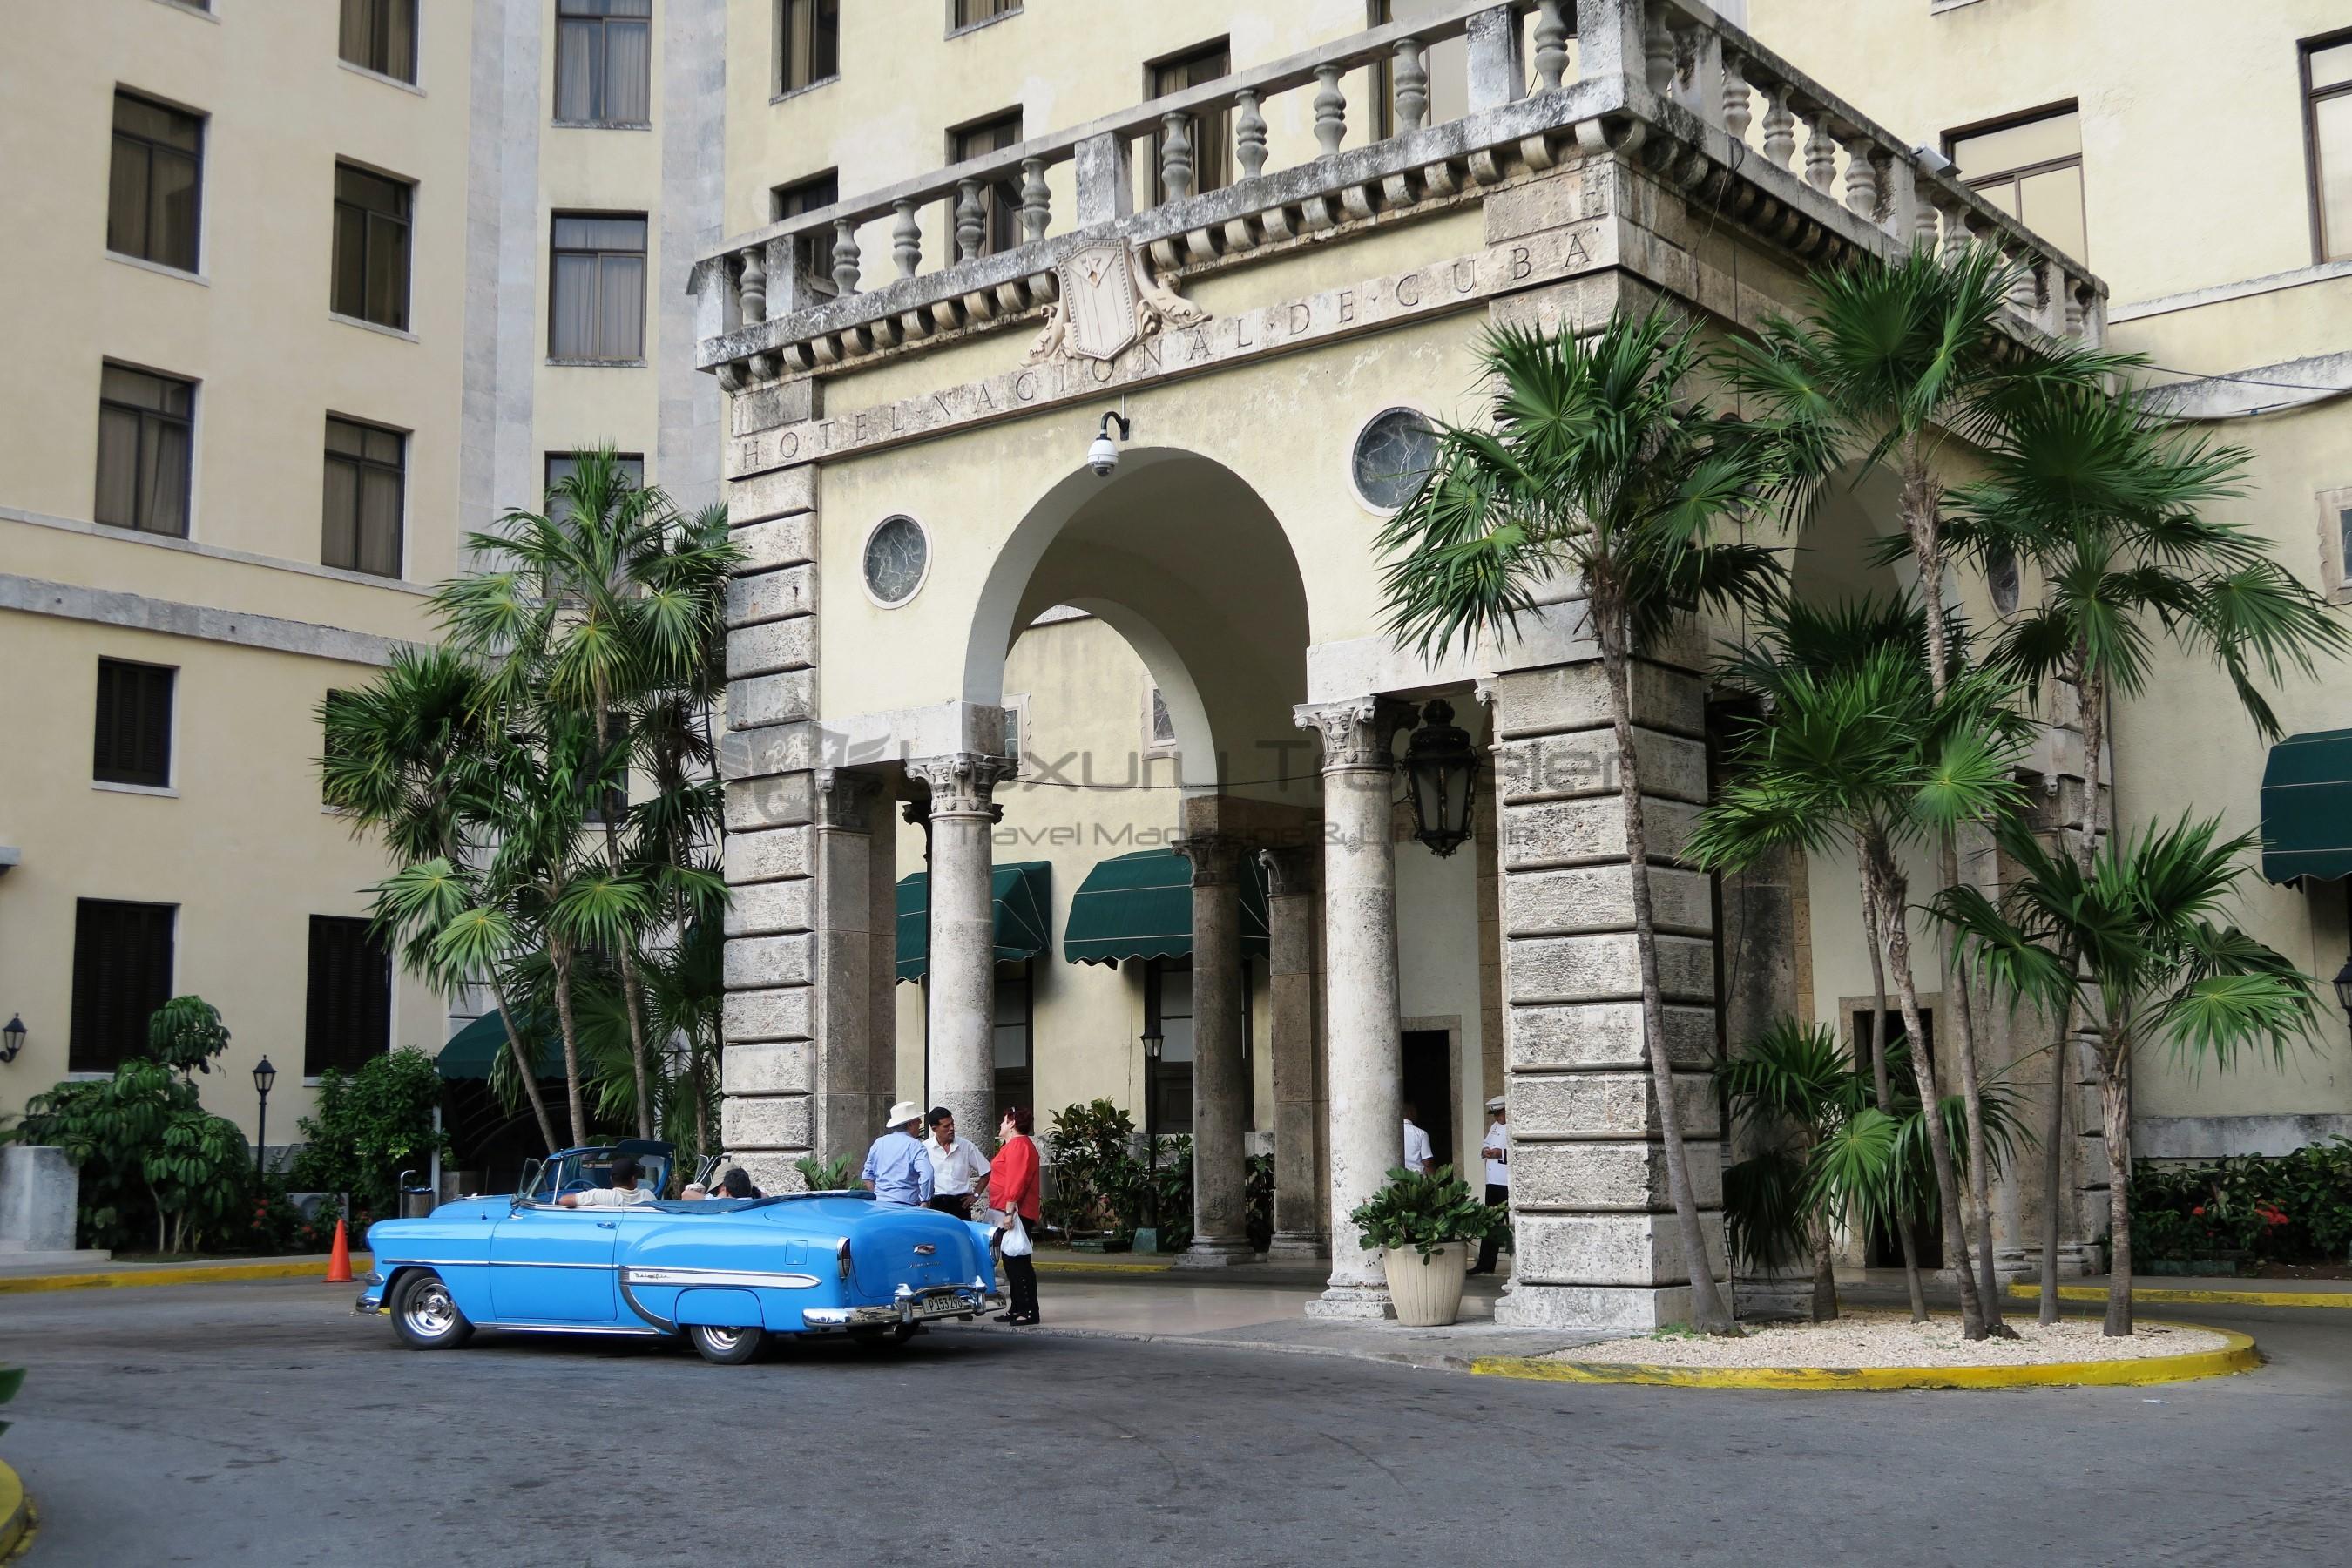 Entrance_to_Hotel_Nacional_de_Cuba_in_Old_Havana